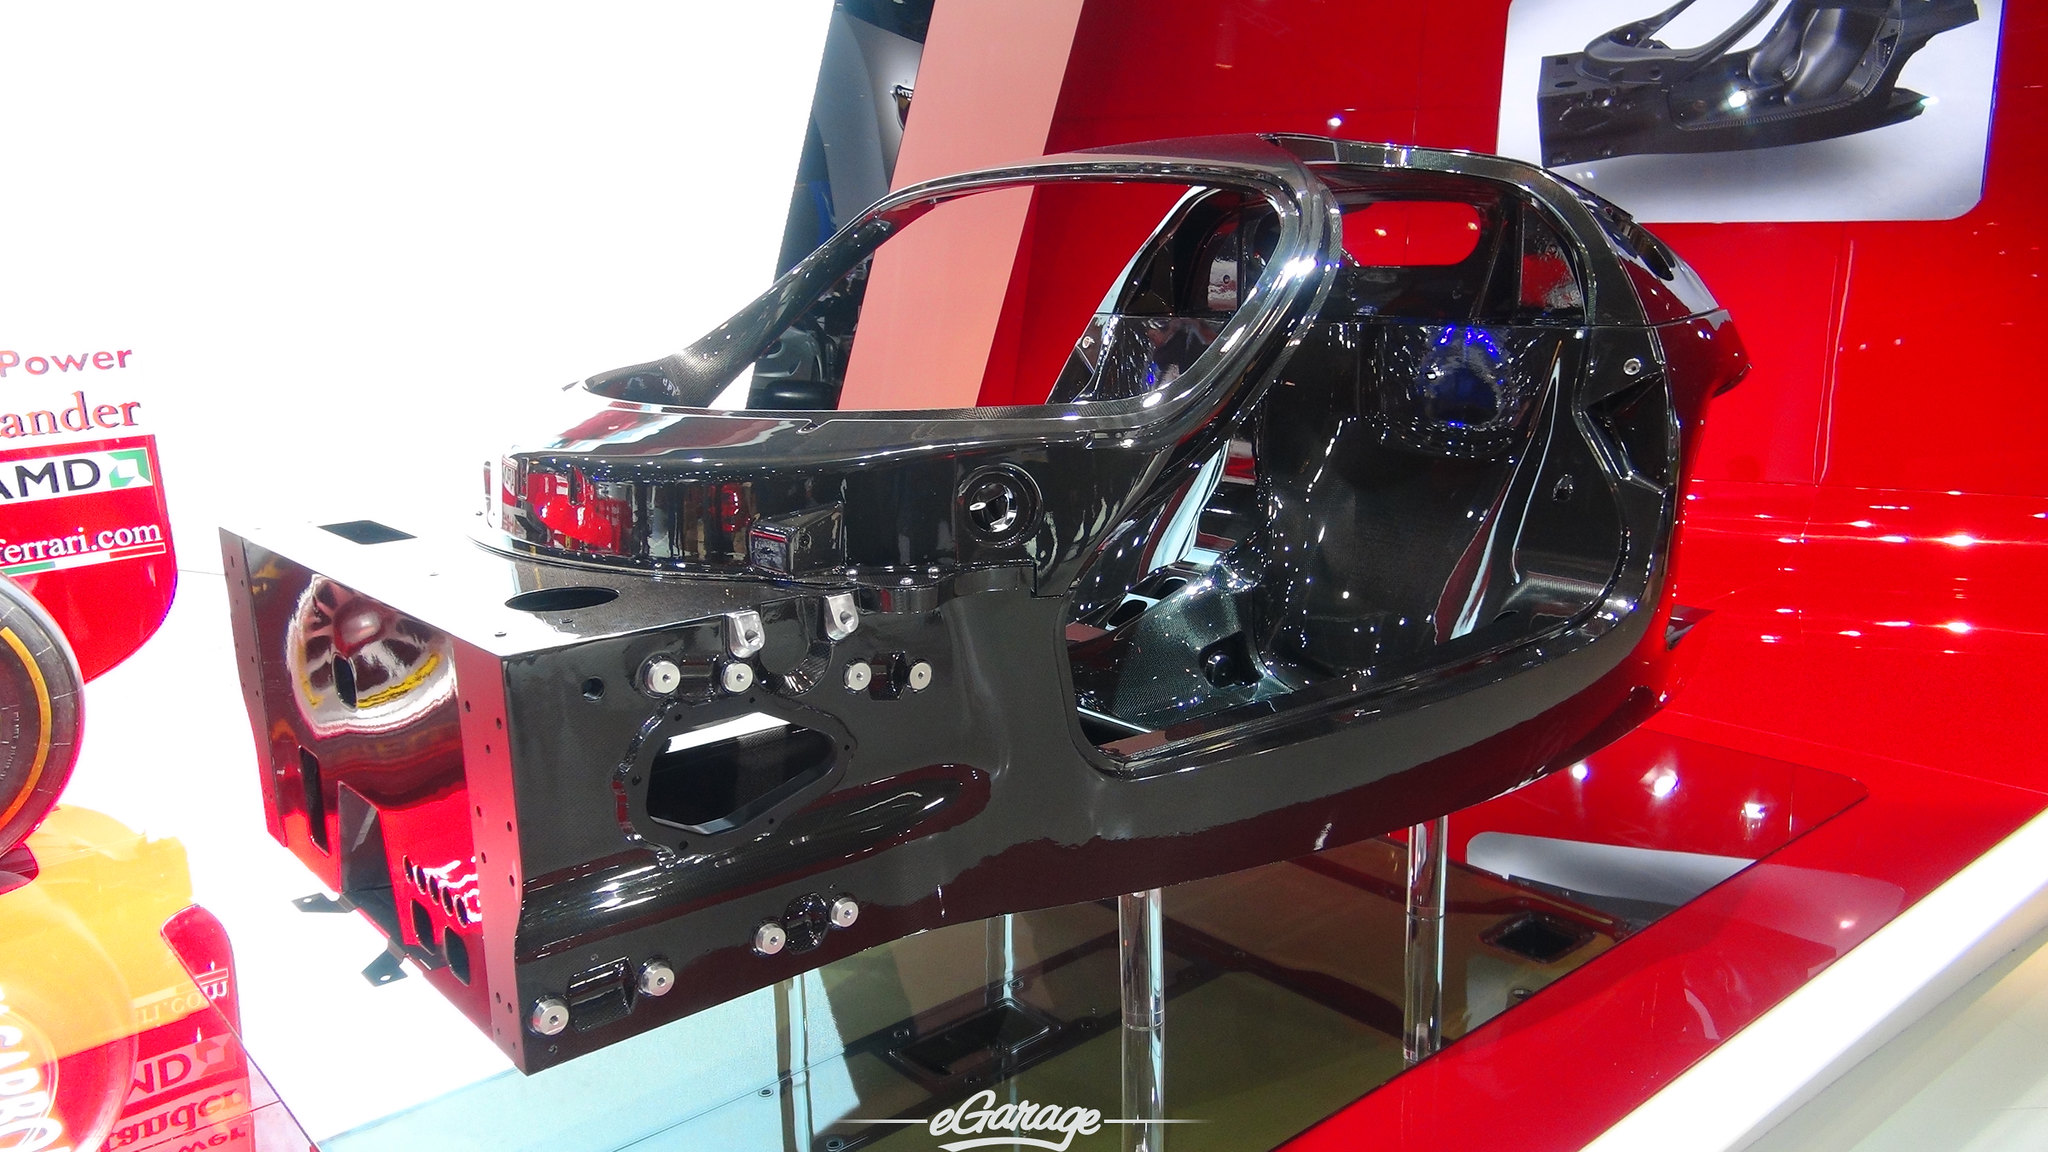 8034746033 dbaeb124da k 2012 Paris Motor Show